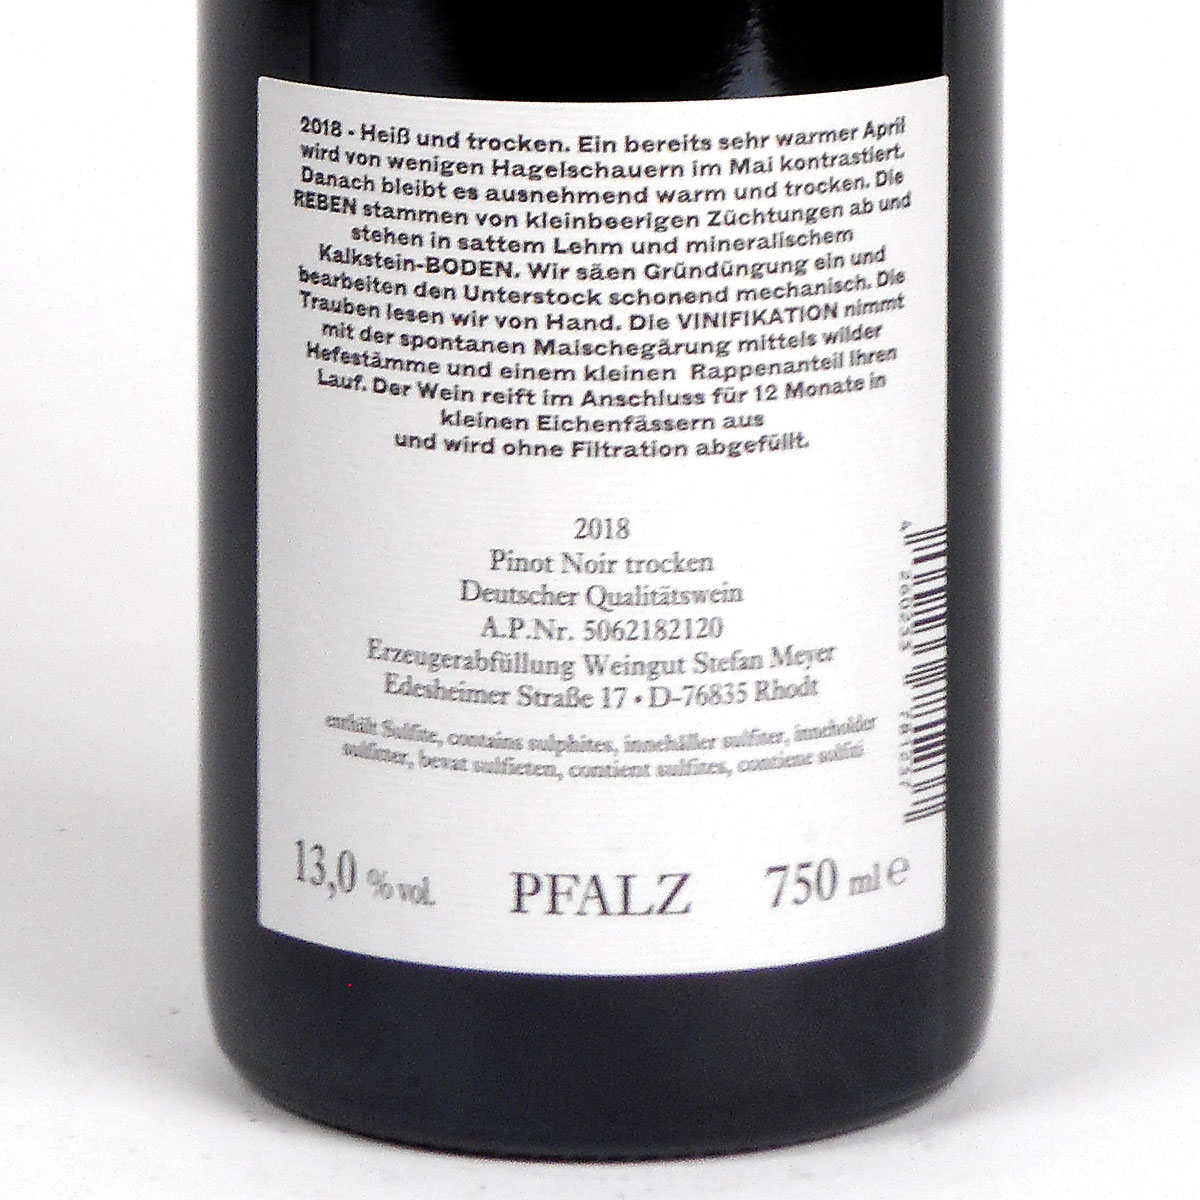 Pfalz: Stefan Meyer 'Aus Rhodt' Pinot Noir 2018 - Bottle Rear Label